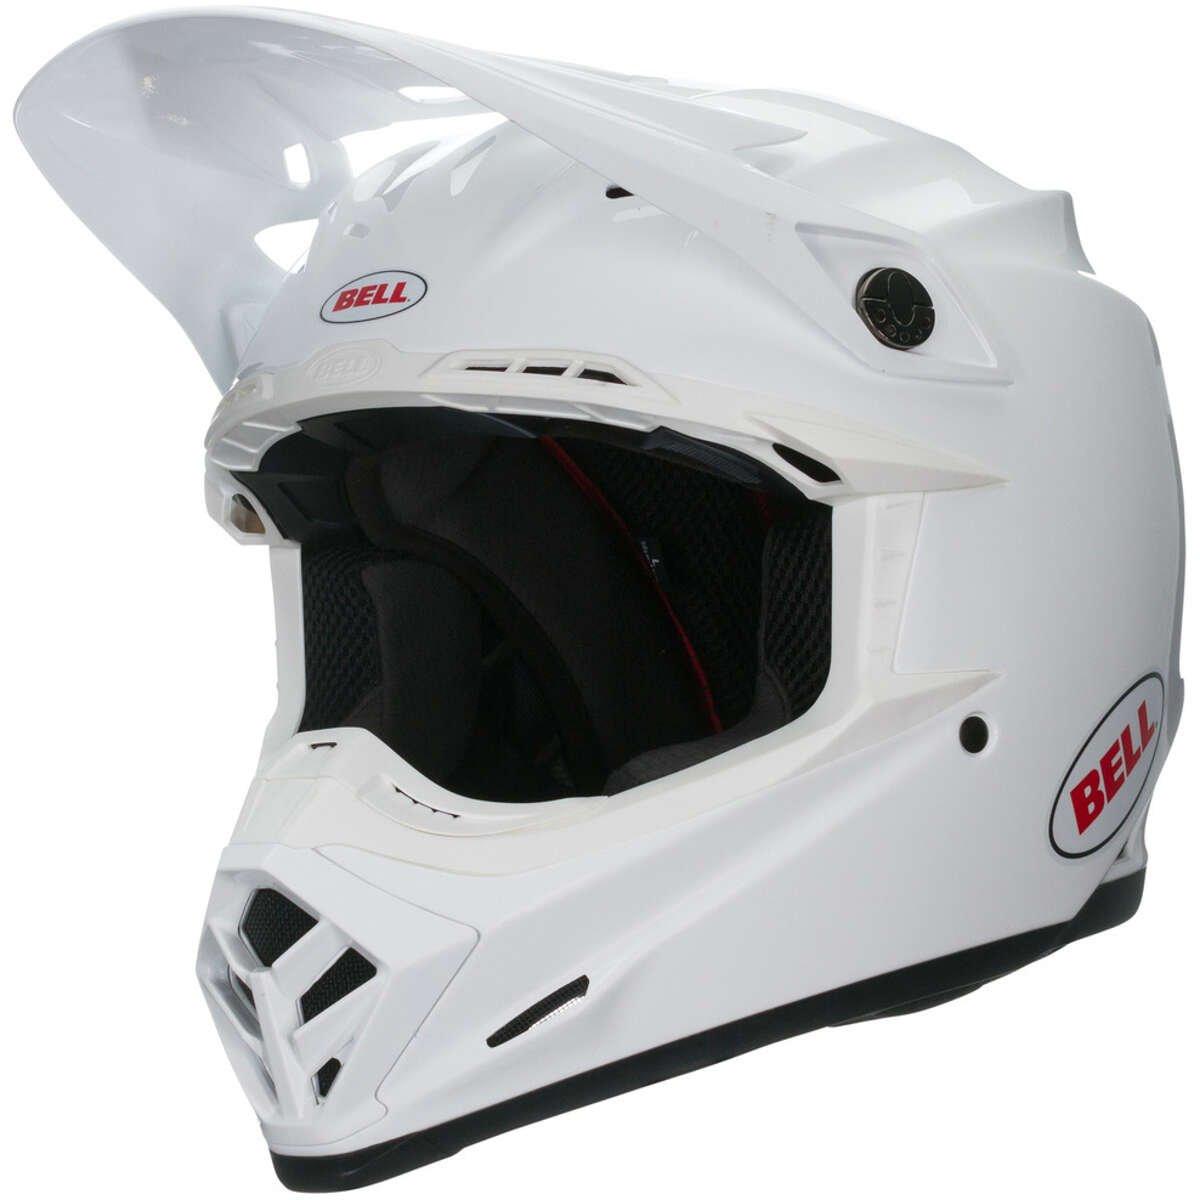 Solid White Taglia S Bell 7091820 Casco per Moto